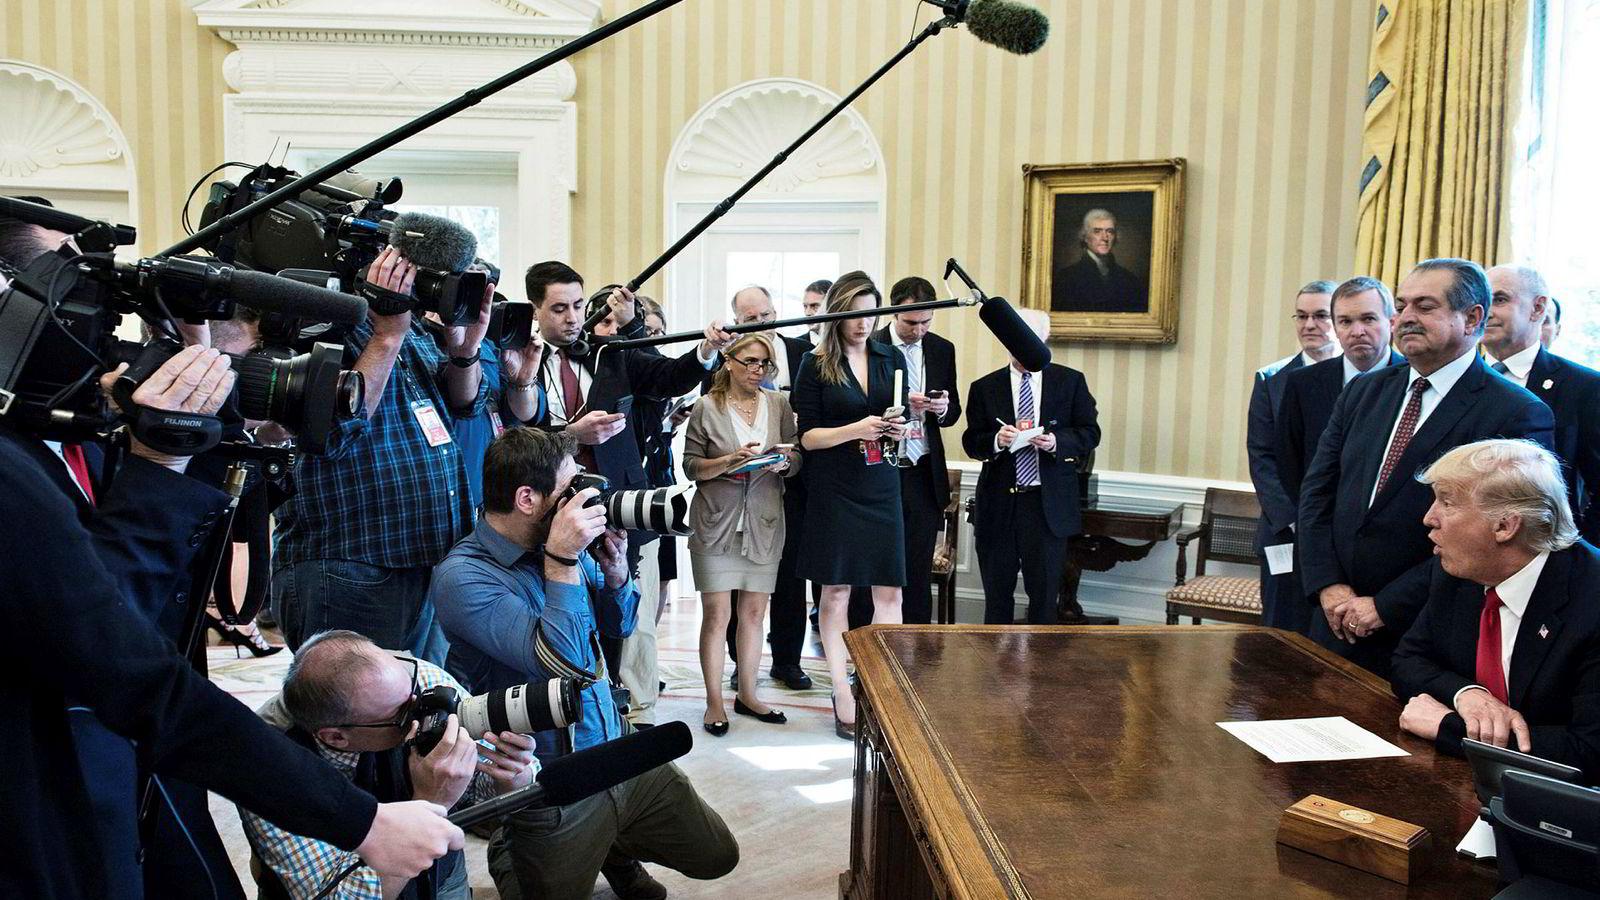 President Donald Trump er krass i kritikken av CNN. Samtidig skal han avgjøre om AT&T får kjøpe Time Warner, som blant annet eier tv-selskapet. Her fra en pressekonferanse i Det hvite hus.